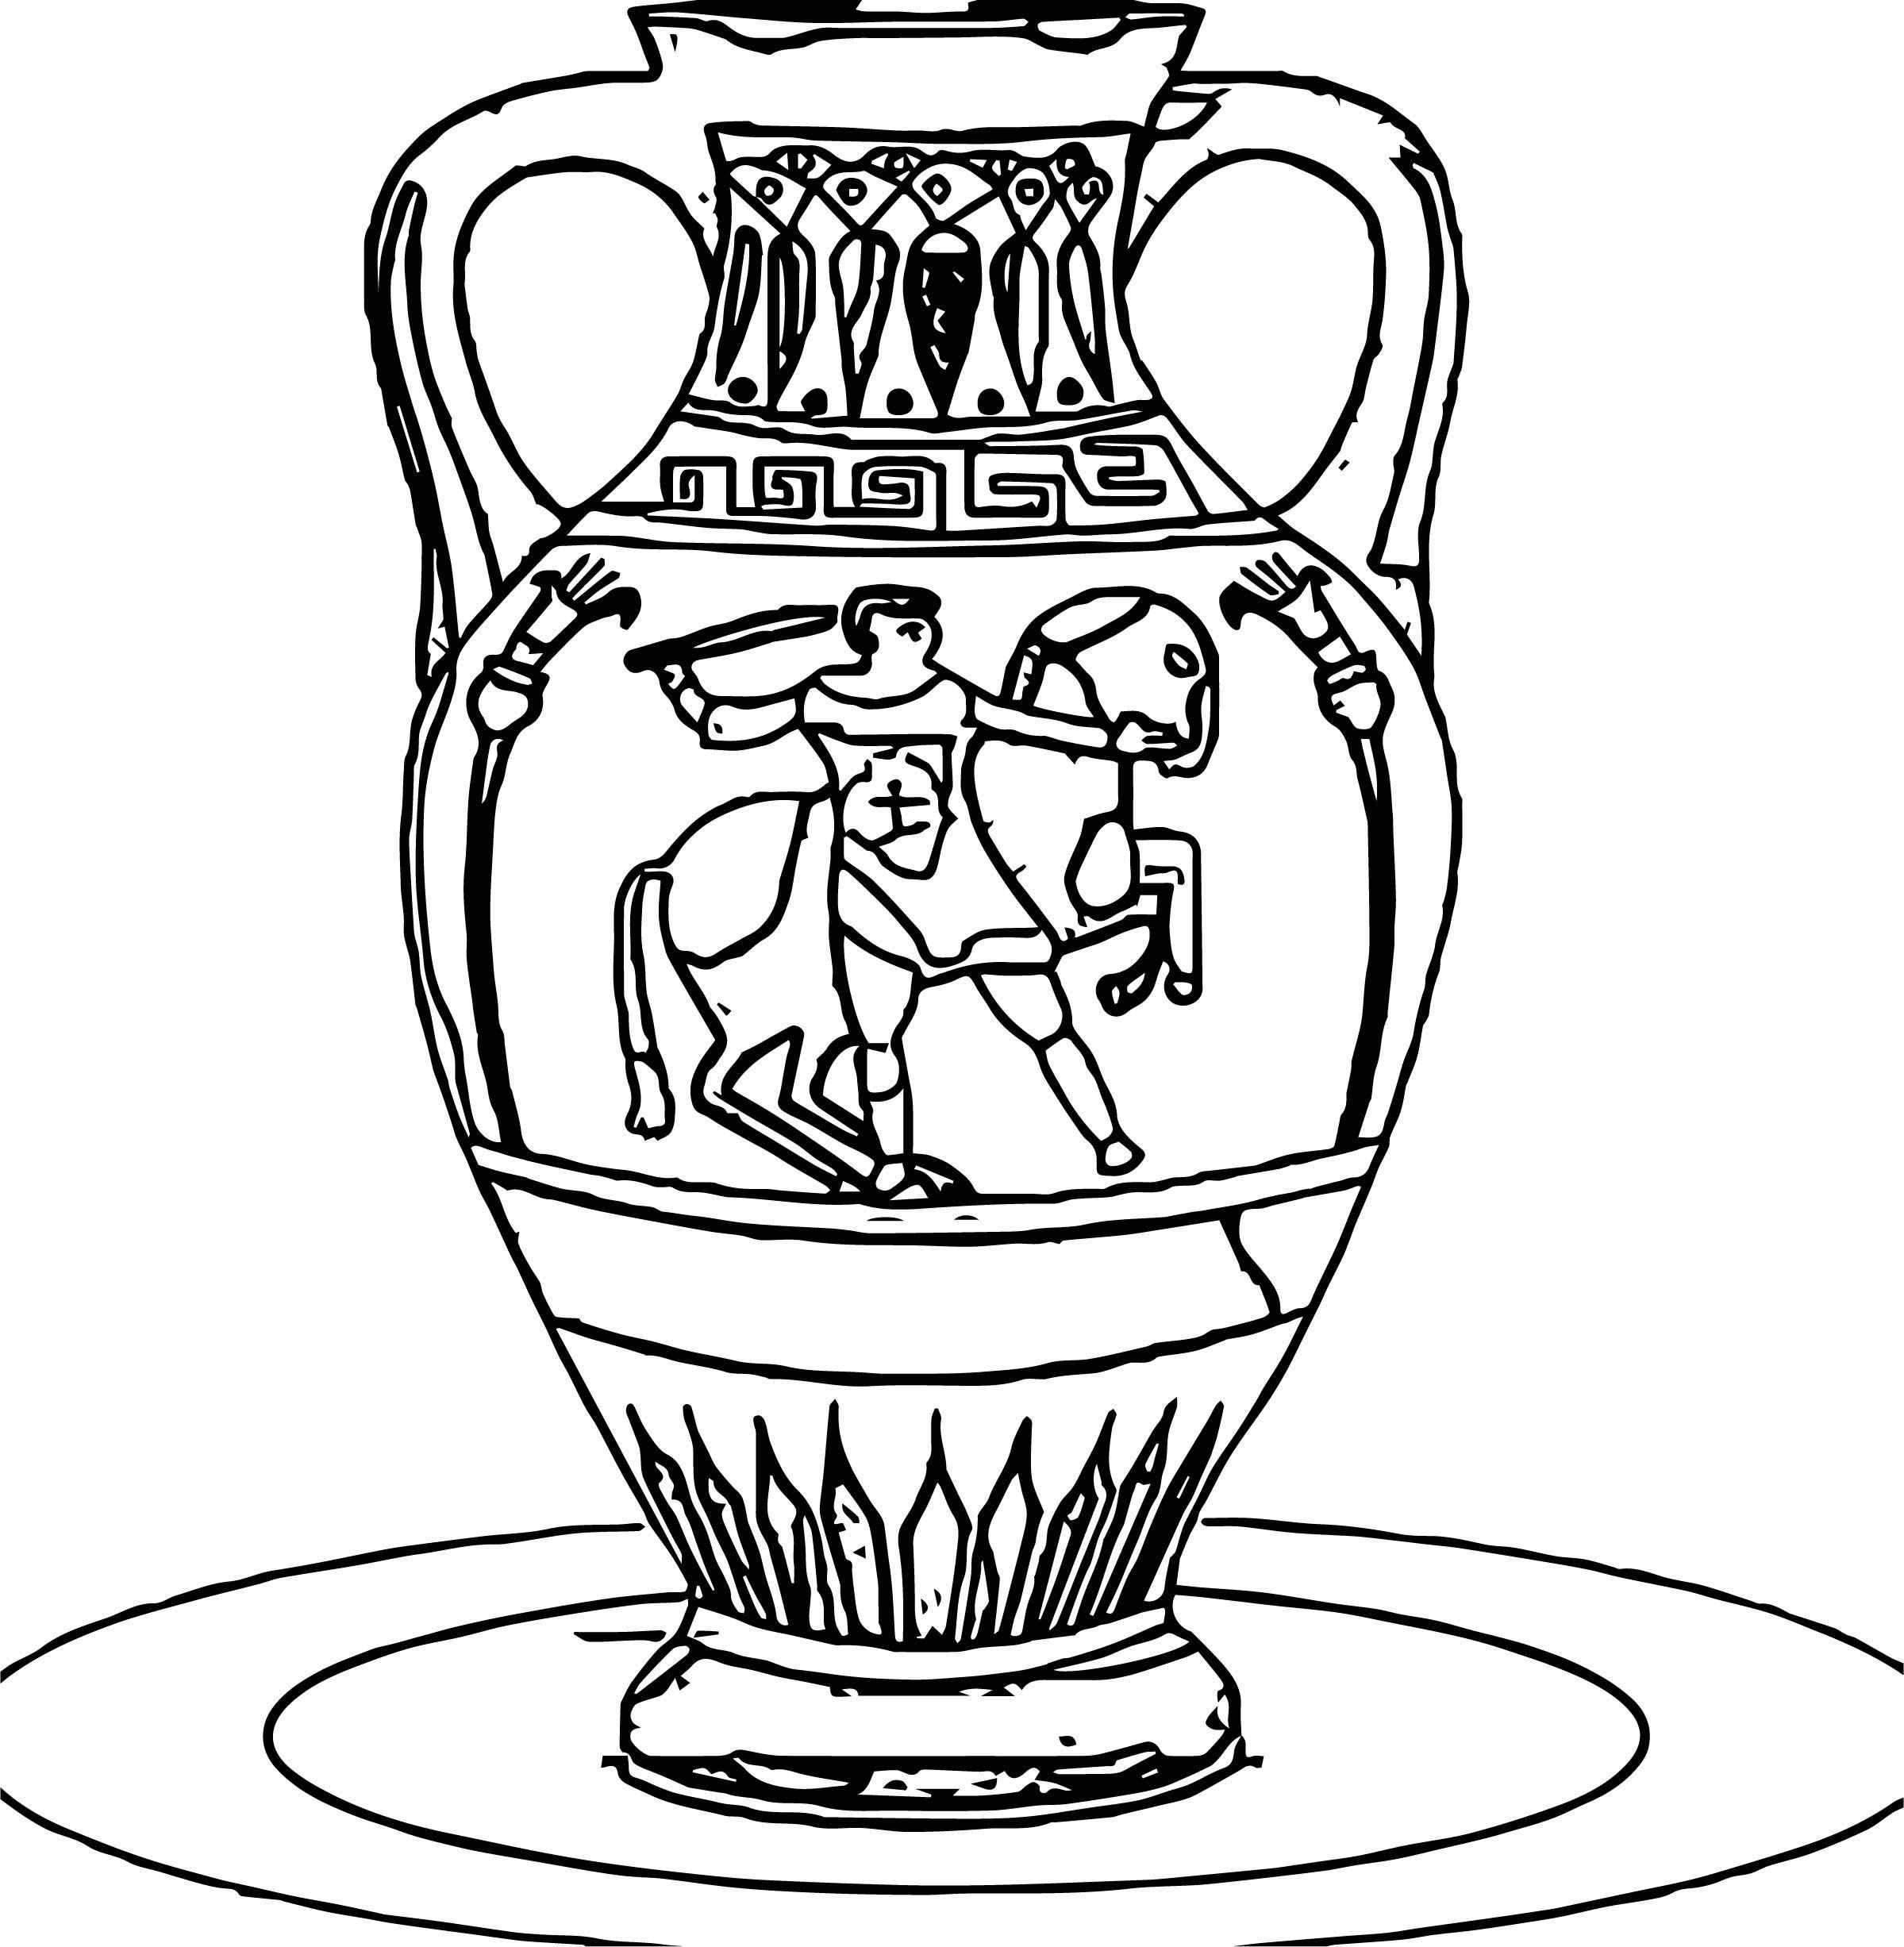 эти дни картинки для раскрашивания древняя греция одном платьев слева